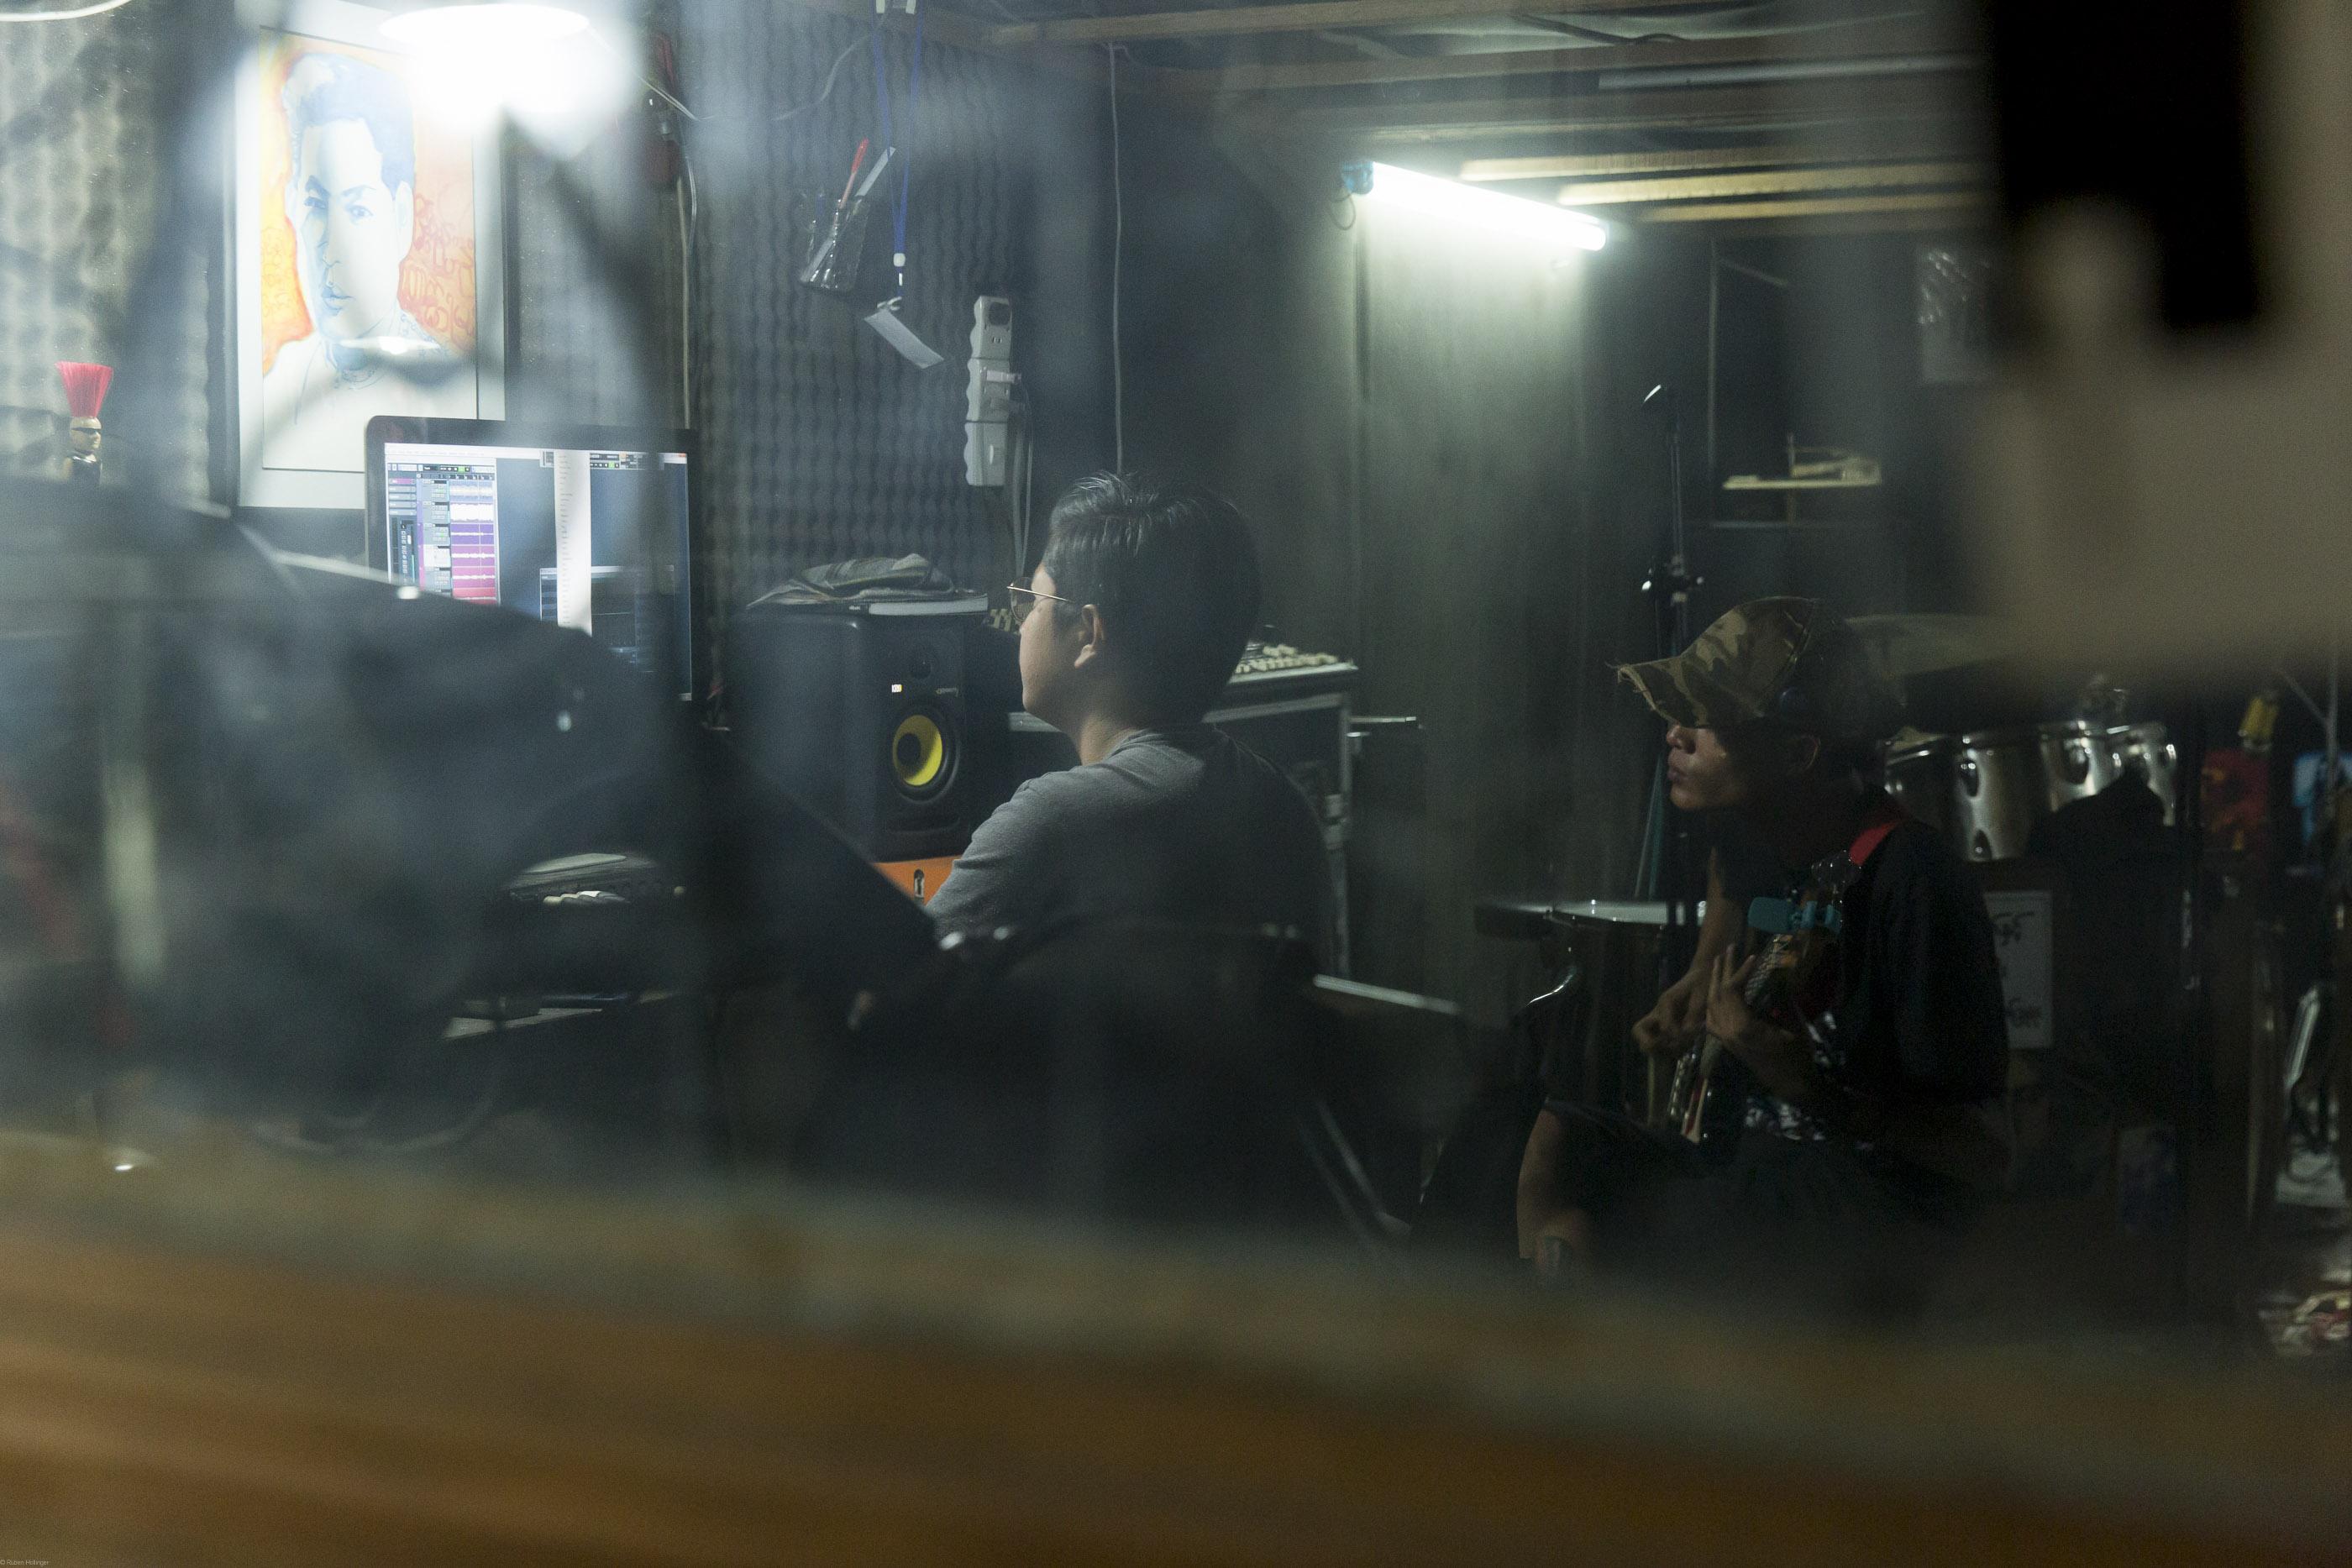 Flickt heute lieber Equipment zusammen als vor Zehntausend-Publikum zu spielen: Eaiddhi im Proberaum seiner neuen Band No U Turn.